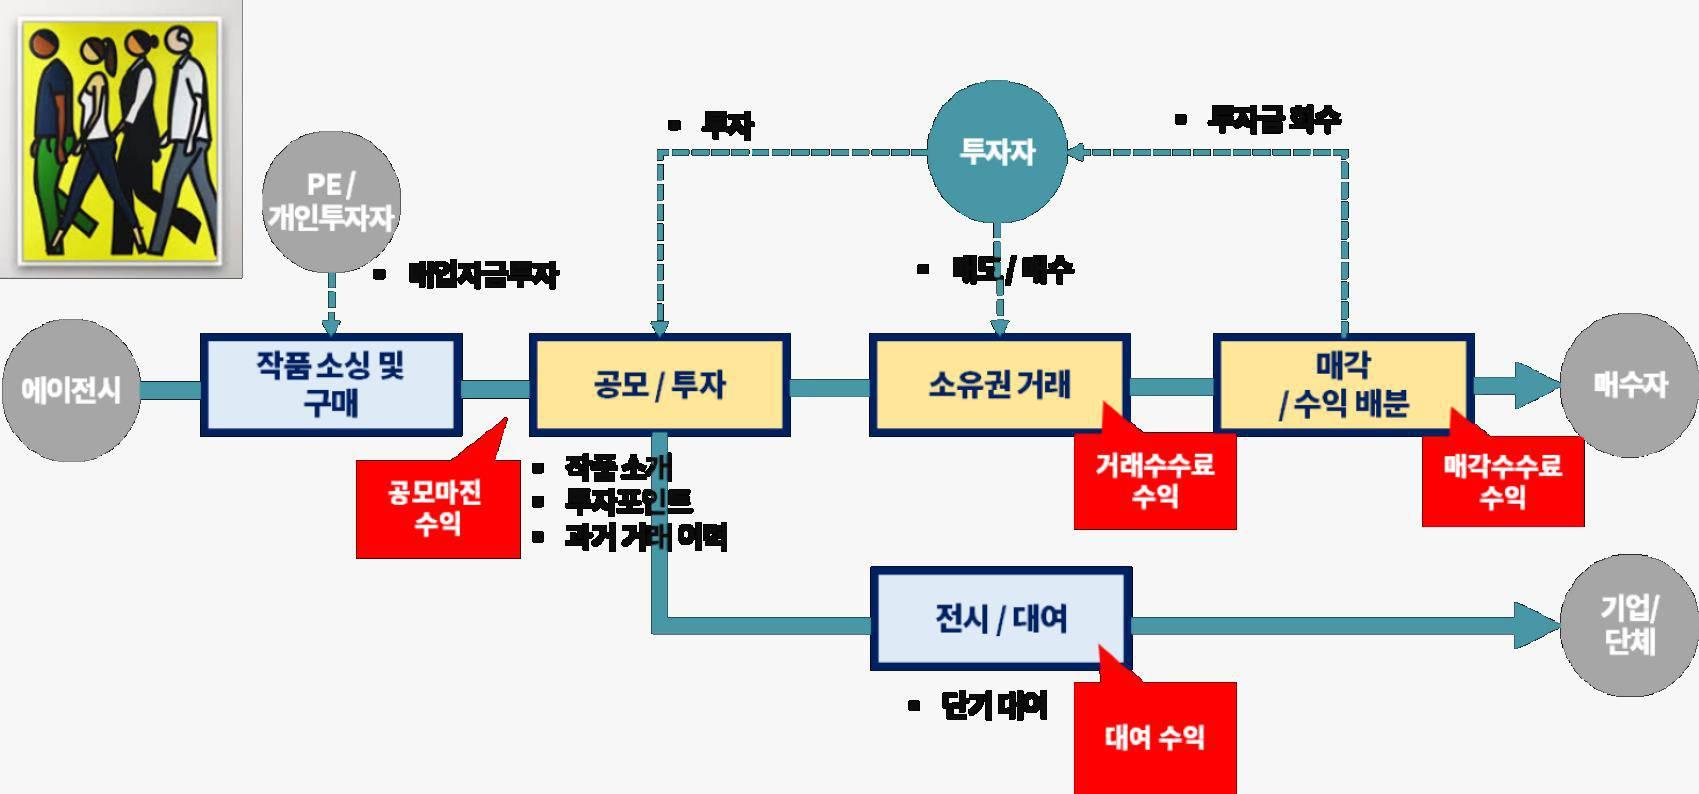 테사의 비즈니스모델 분석. 출처 = 인사이터스